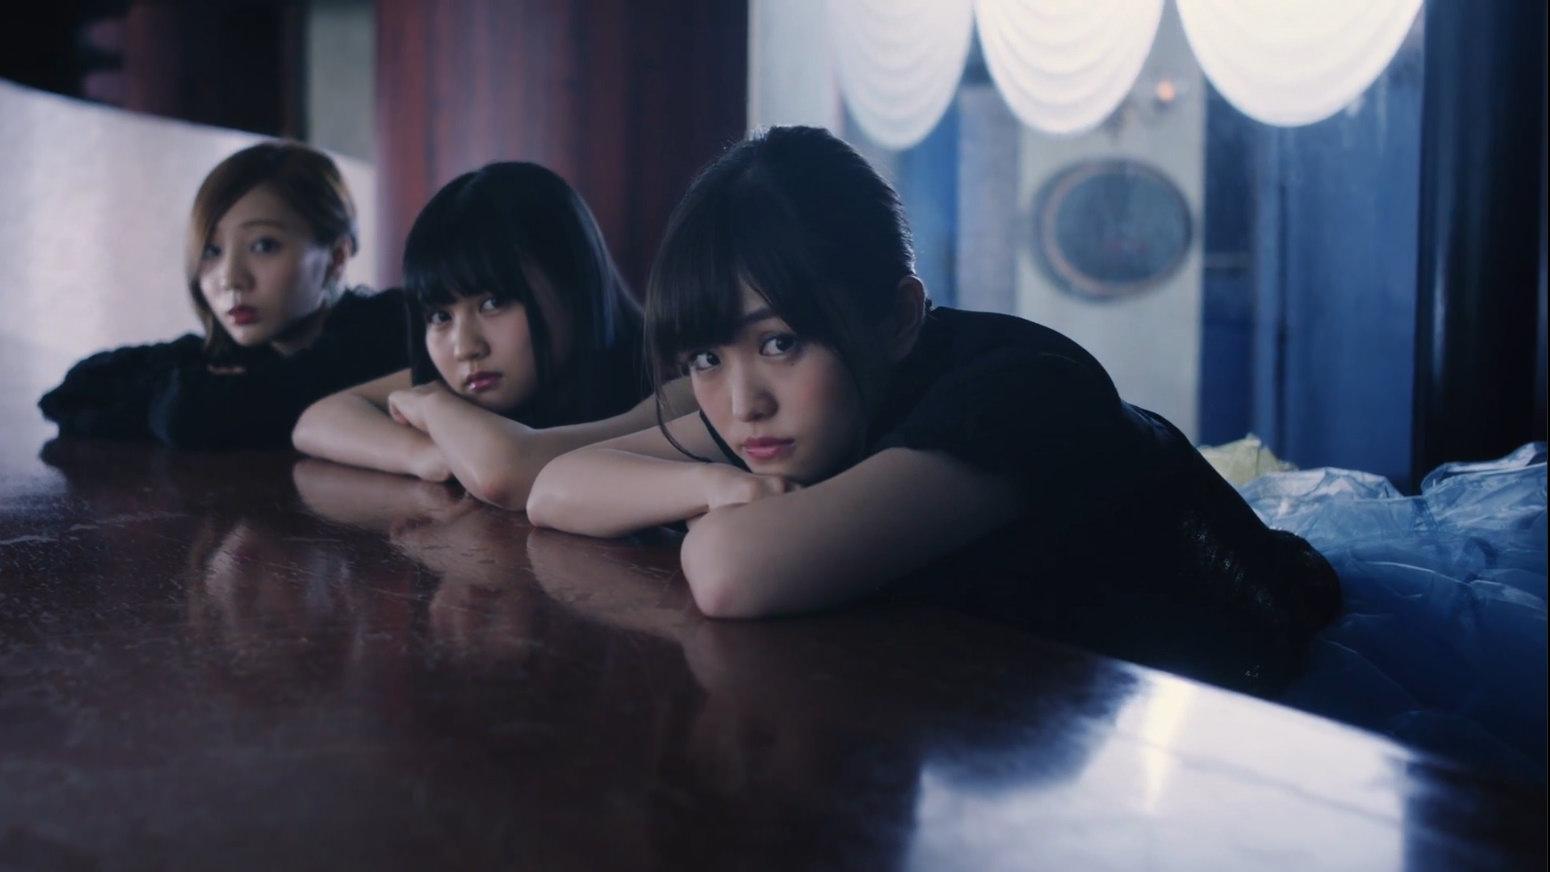 乃木坂46「三角の空き地」MVの能條愛未がまいちゅんにしか見えない件2